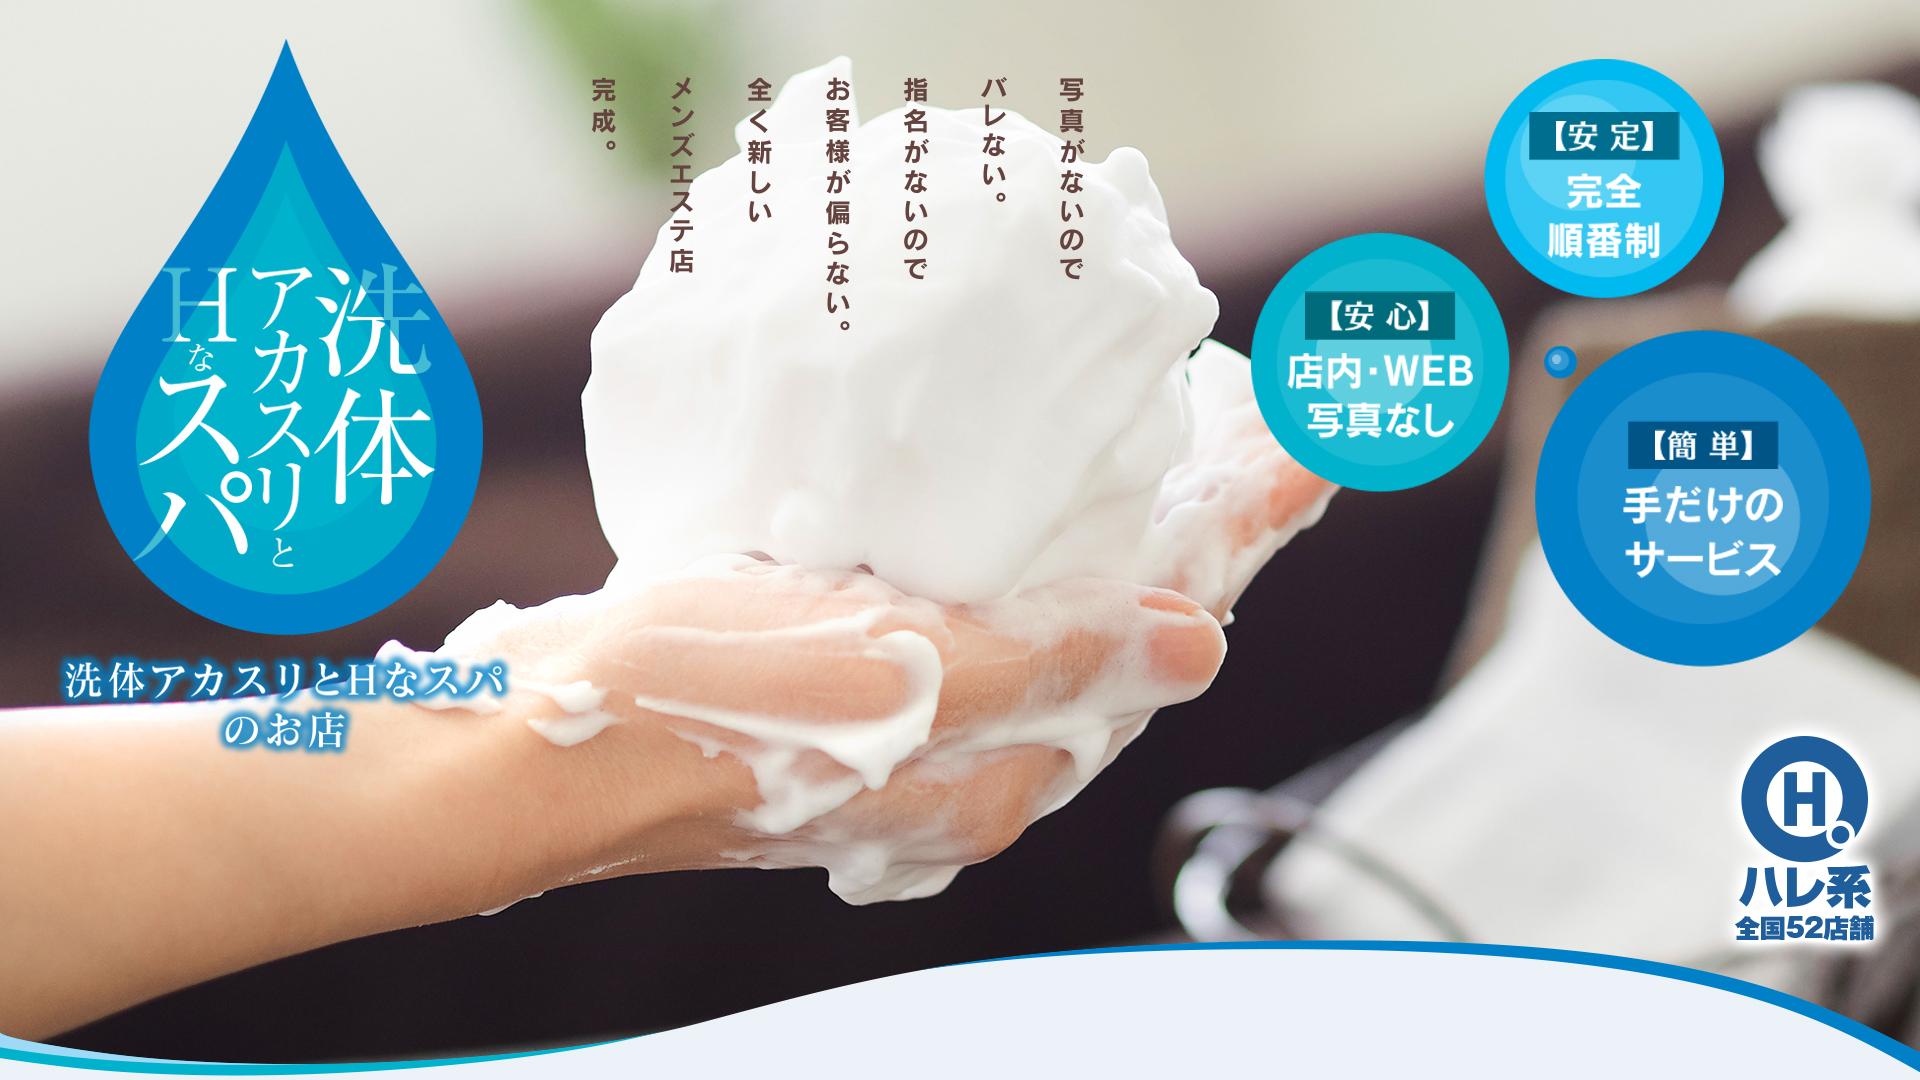 洗体アカスリとHなスパのお店(埼玉ハレ系)の求人画像